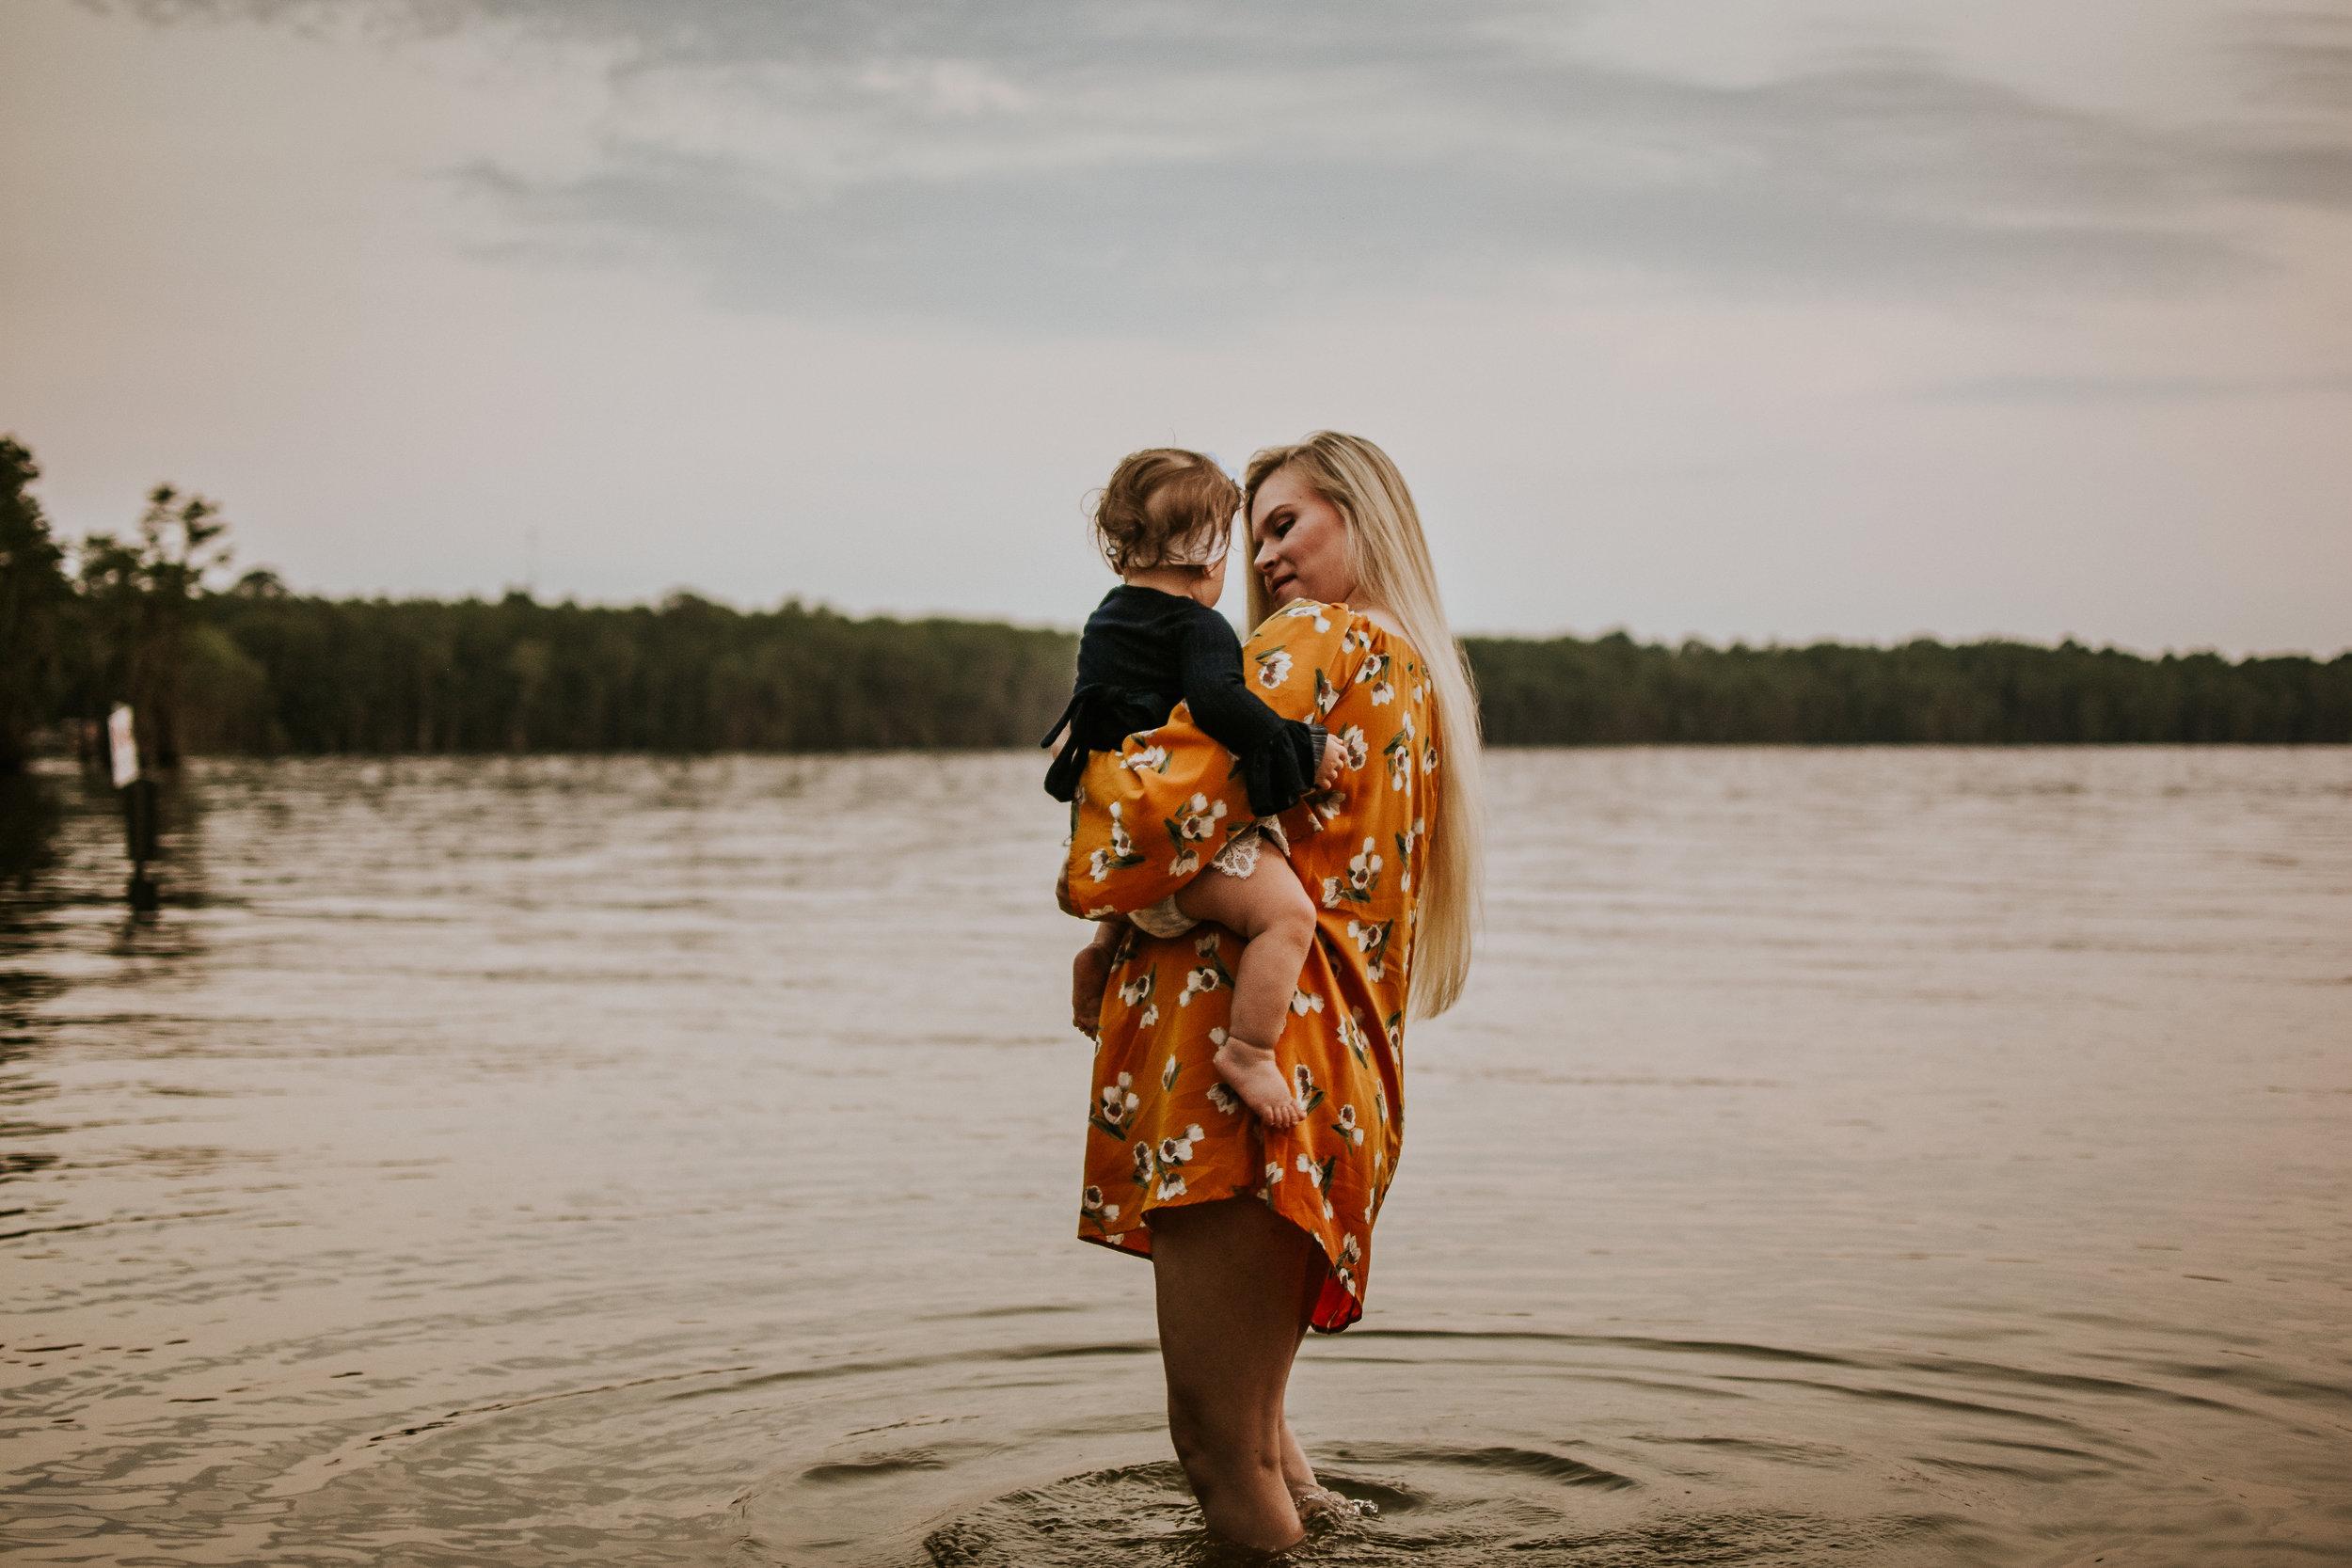 CrestviewFloridaLifestylePhotographer-MommyandMeSession-LakeJackson-FloralaAlabama-62.jpg